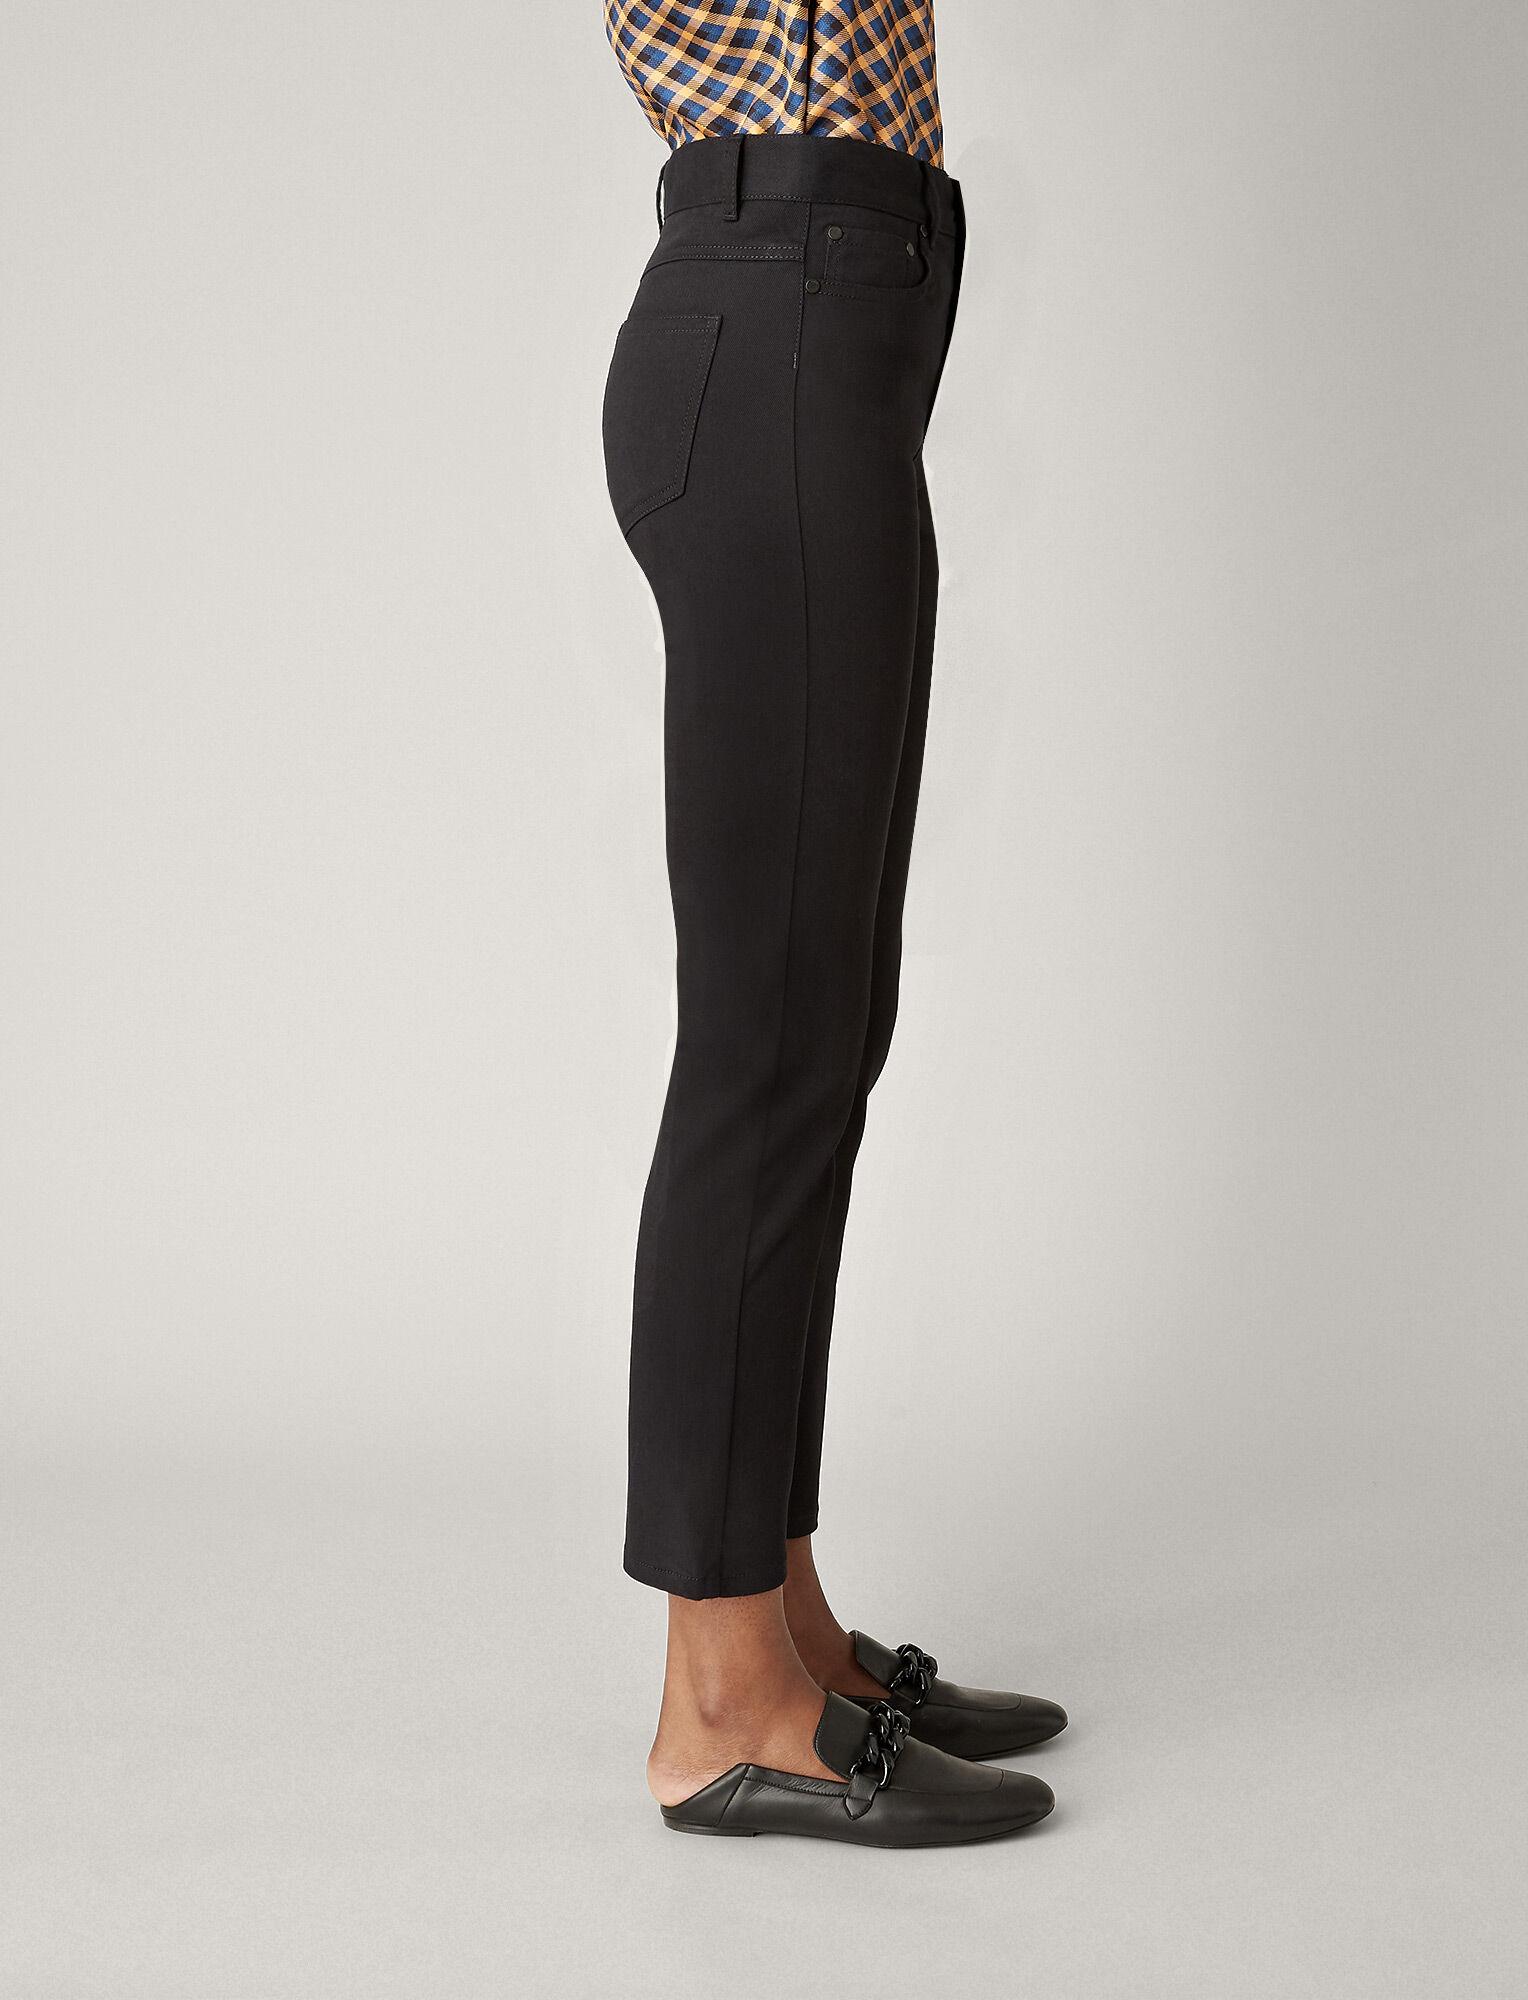 Joseph, Pantalon Den en denim noir, in BLACK